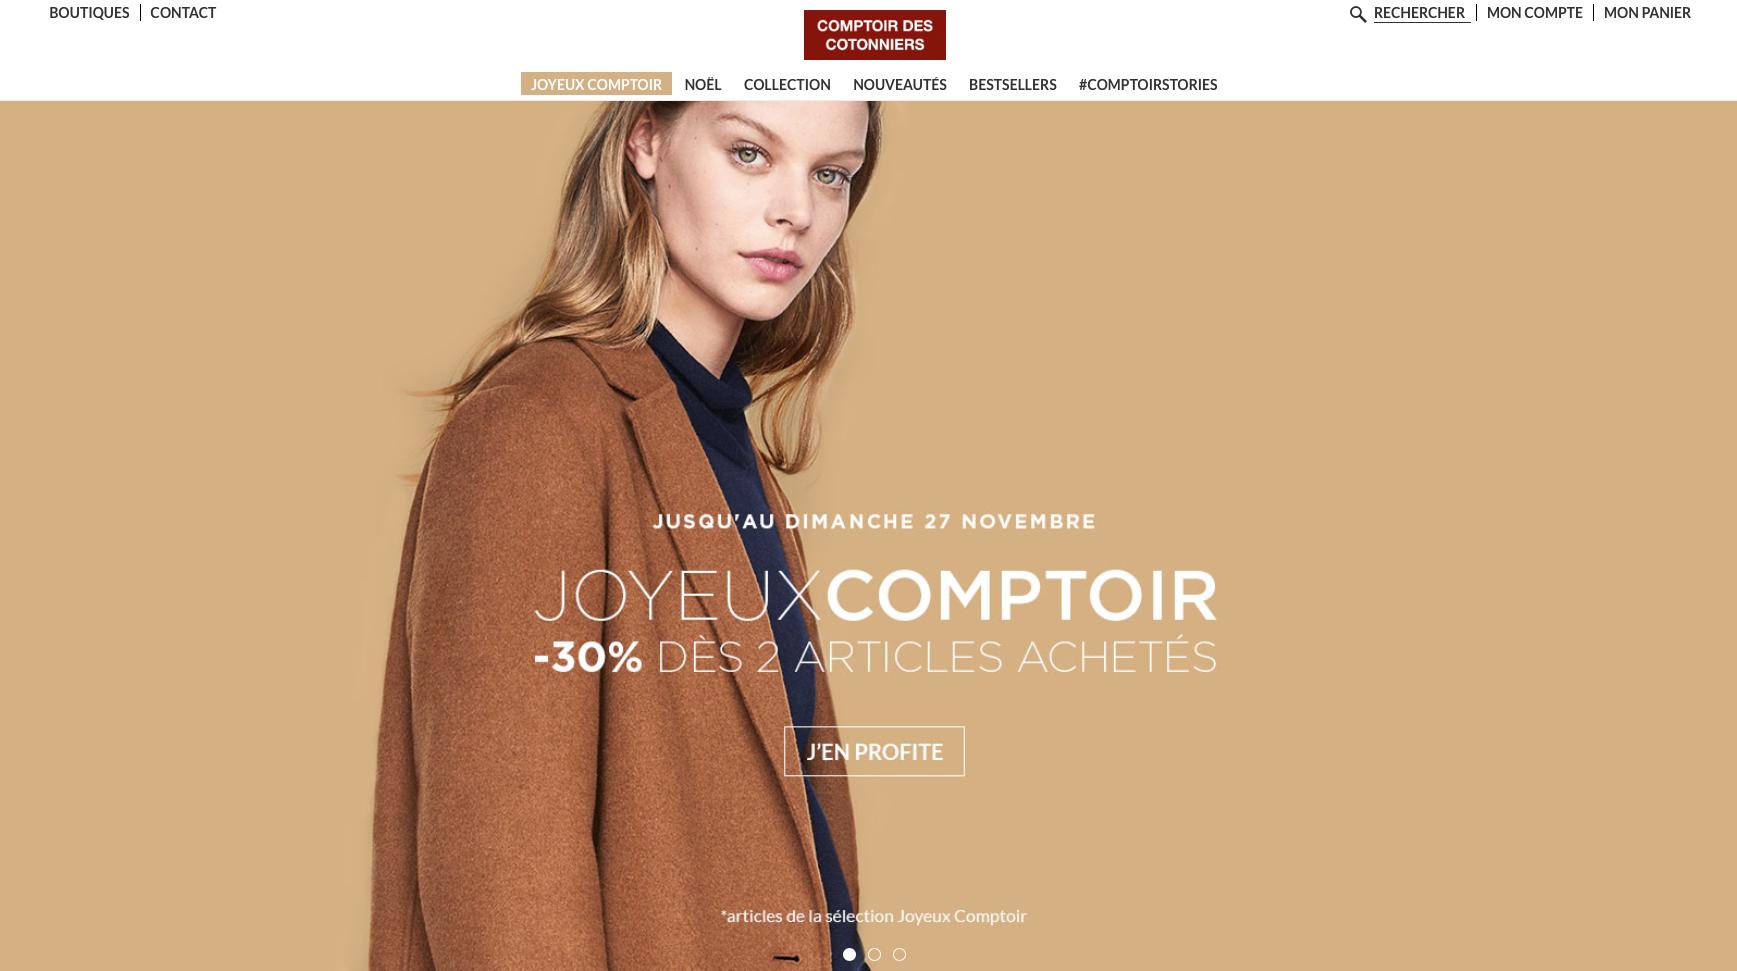 Traduction lingerie Comptoir des Cotonniers